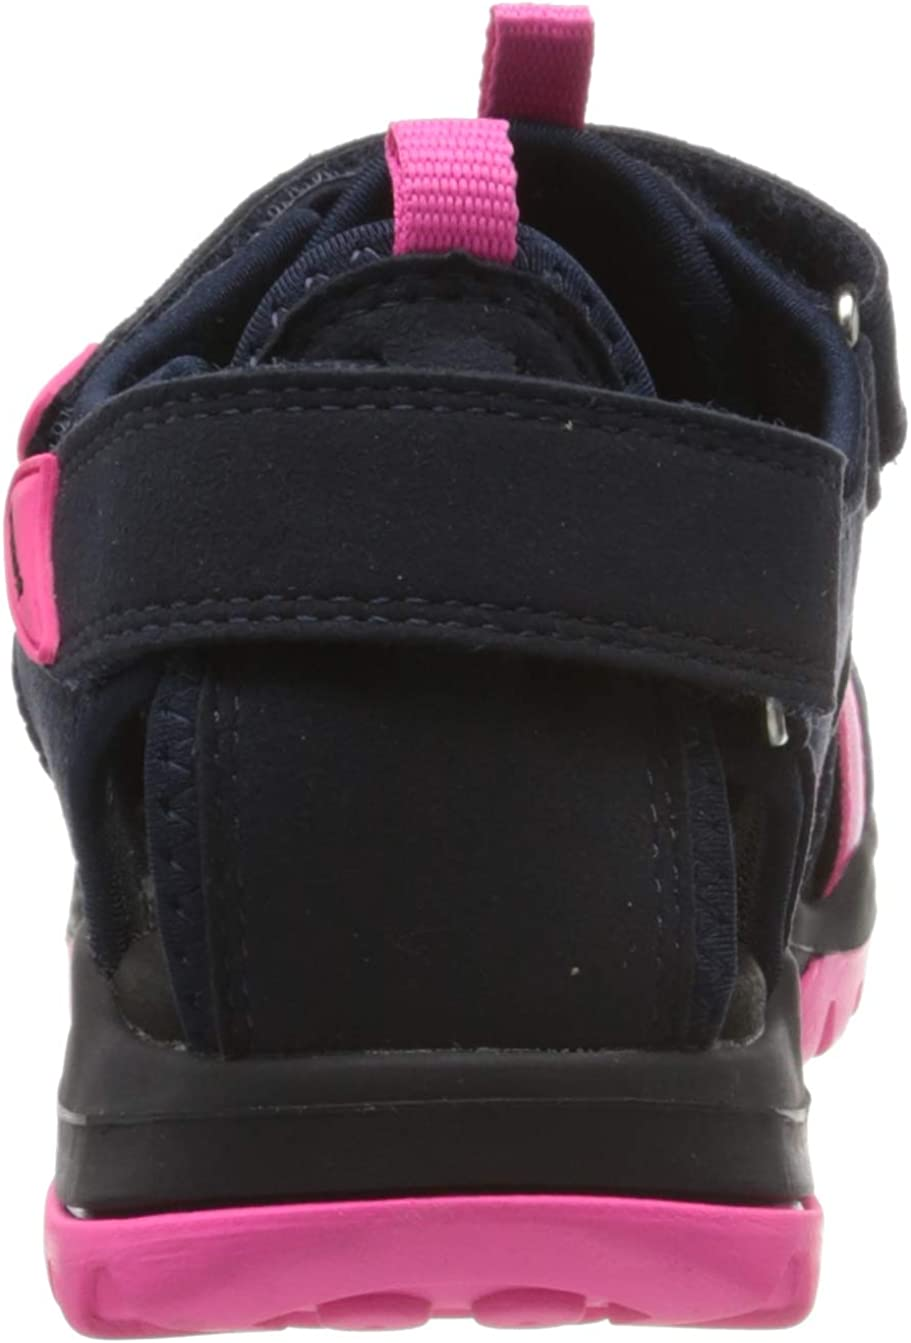 Geox D Borealis A, Sandali con Cinturino alla Caviglia Donna Rosa Dk Navy Fuchsia C4365